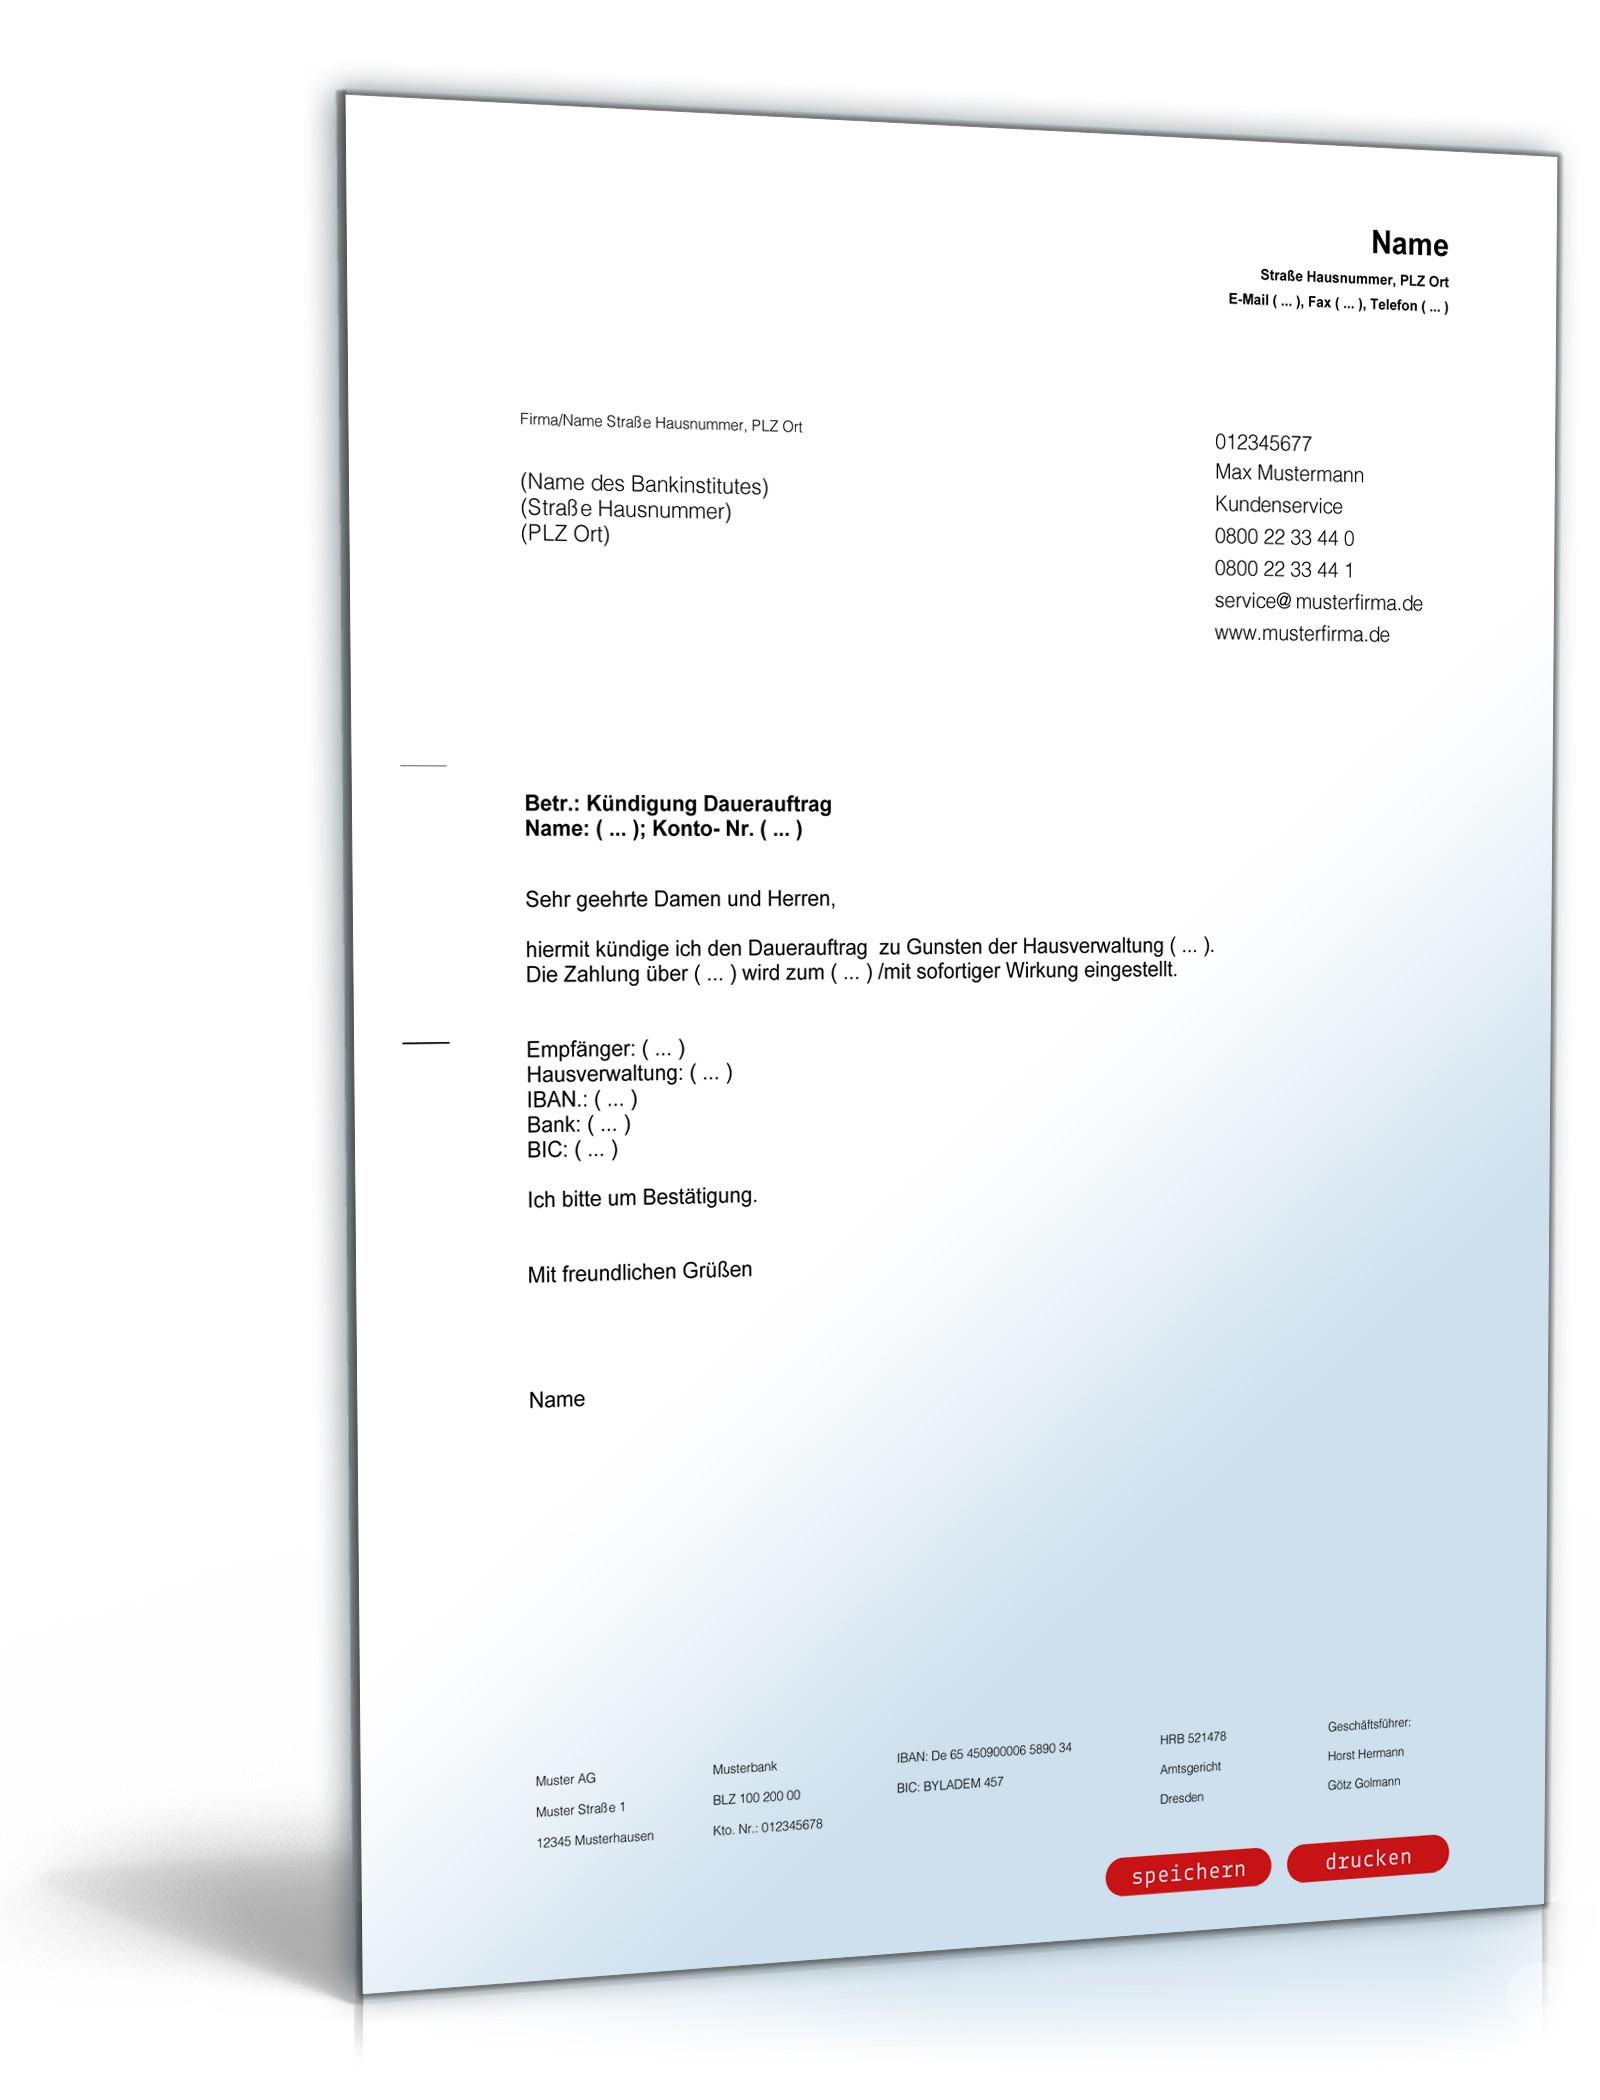 Kündigung Dauerauftrags Mietzahlungen Vorlage Zum Download